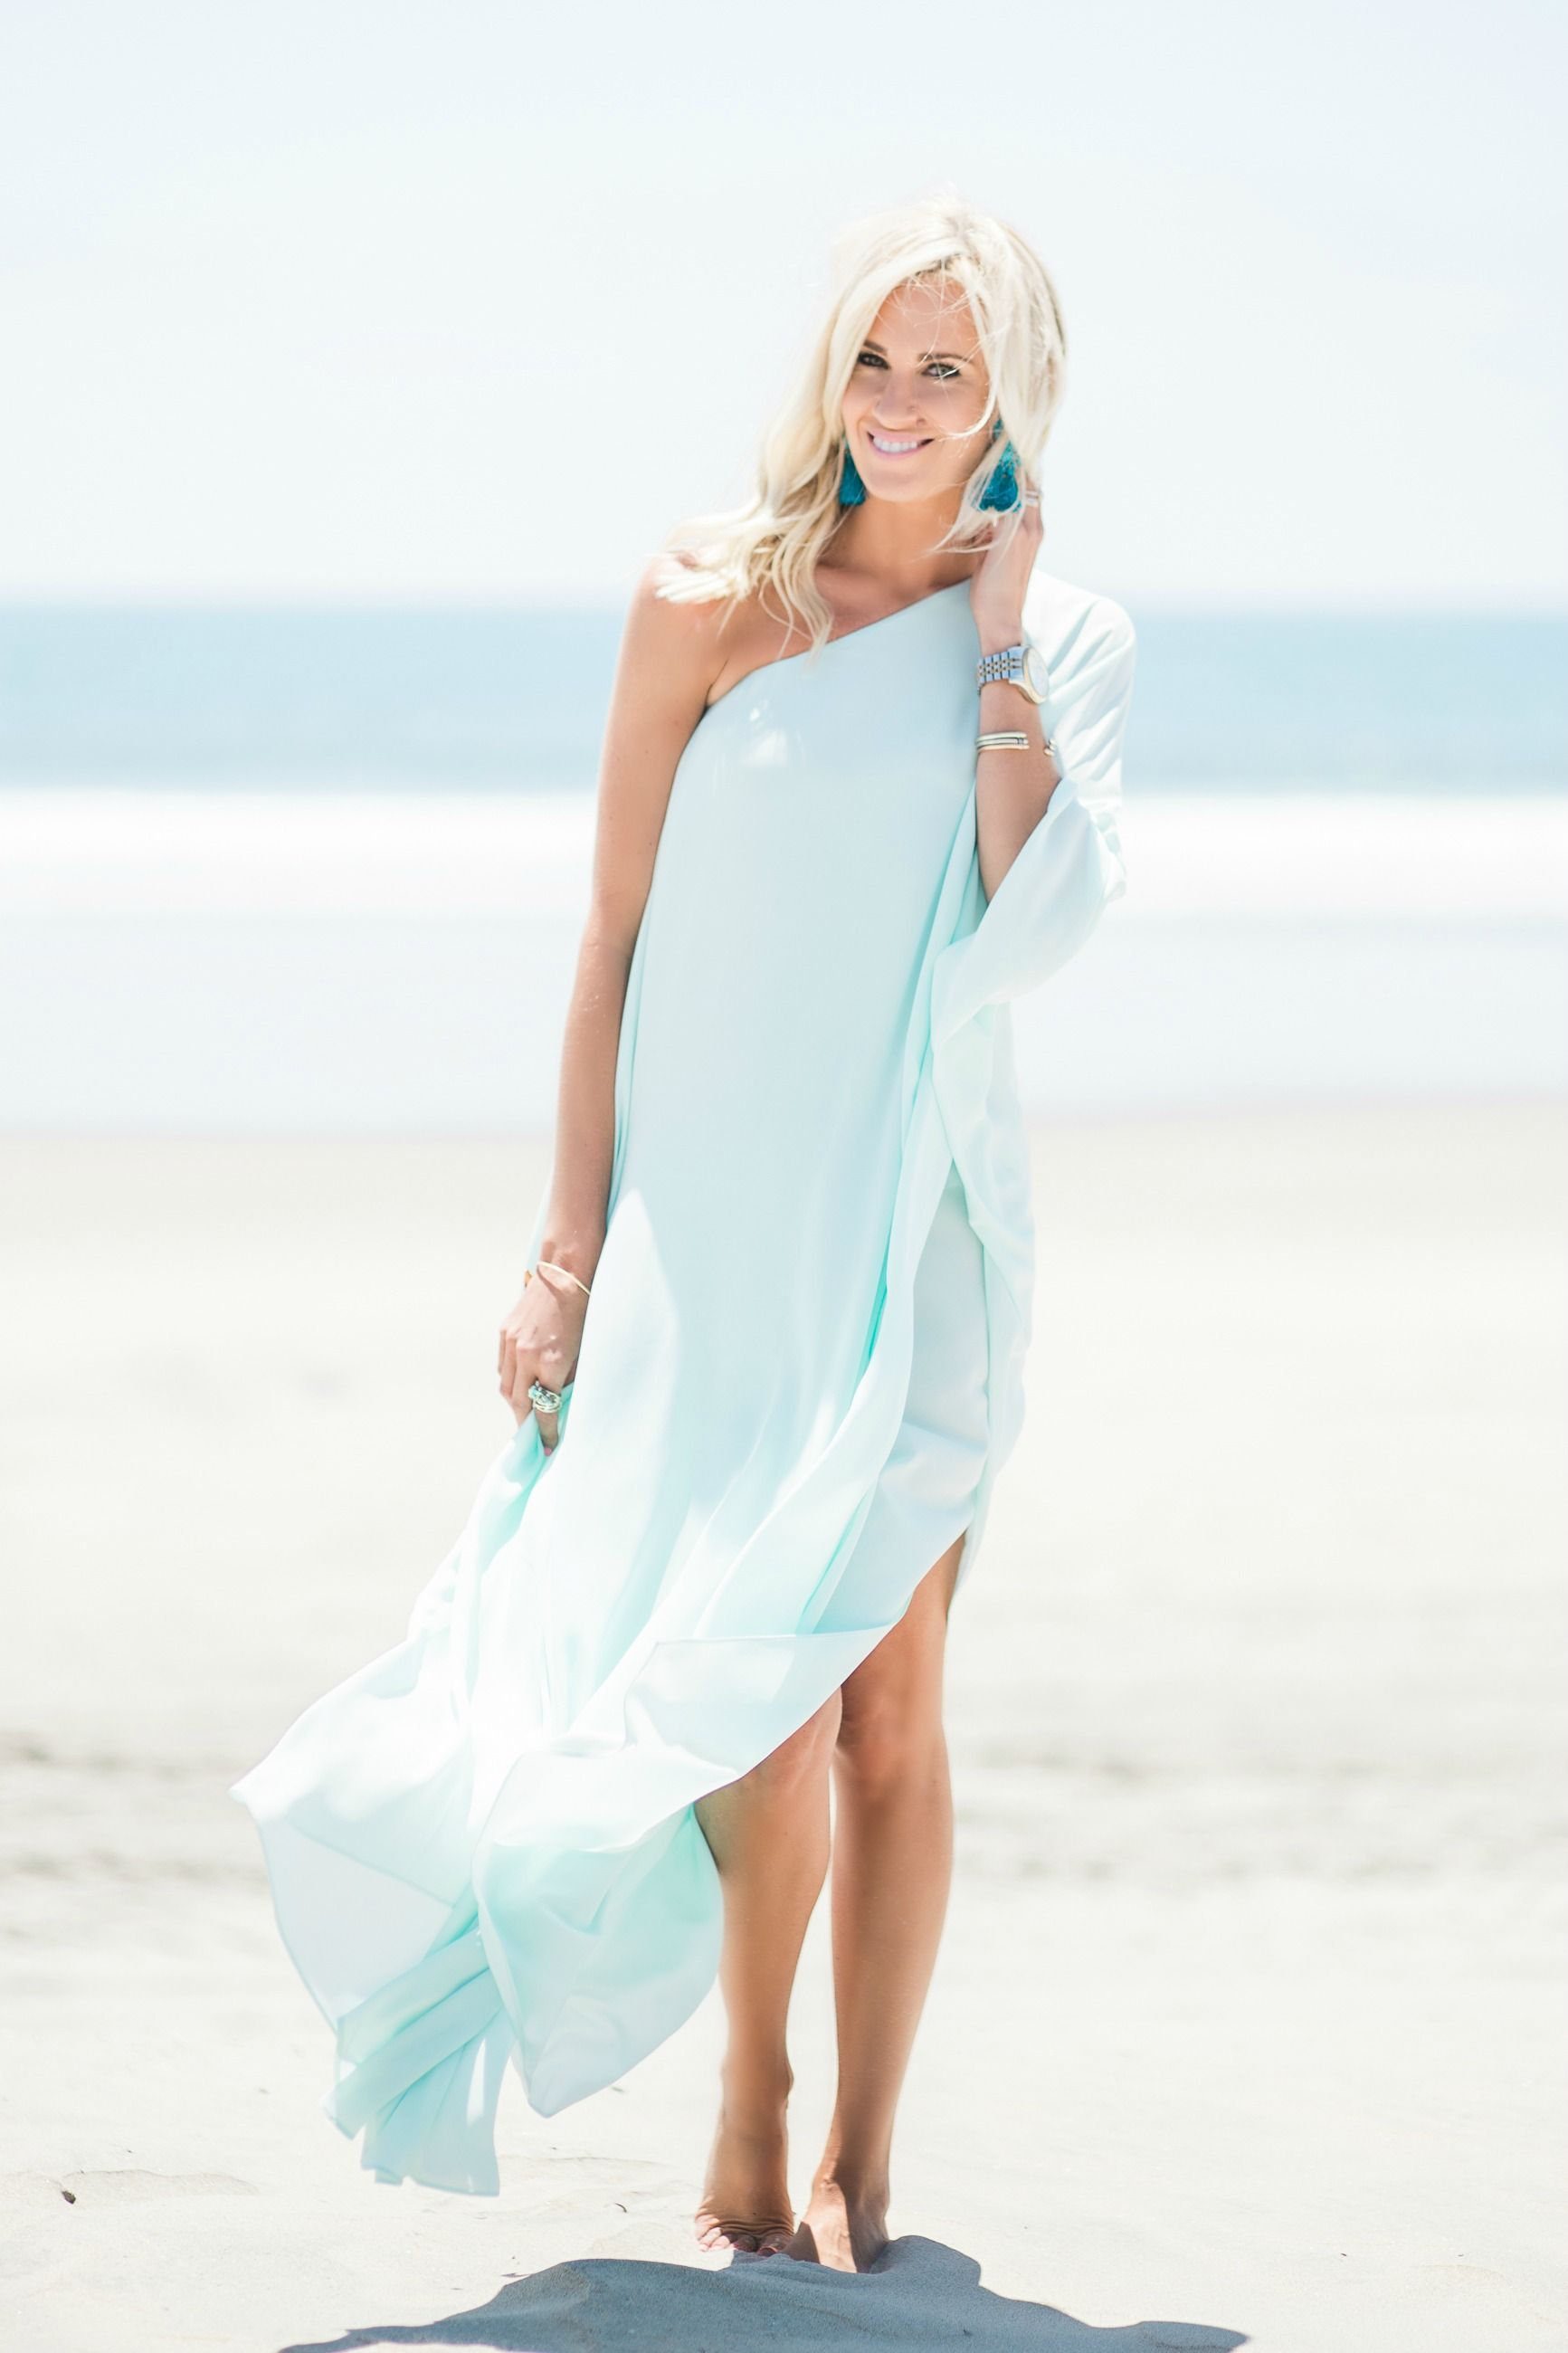 Light Blue Beach Maxi Dress - Mckenna Bleu | My Style / McKenna Bleu ...